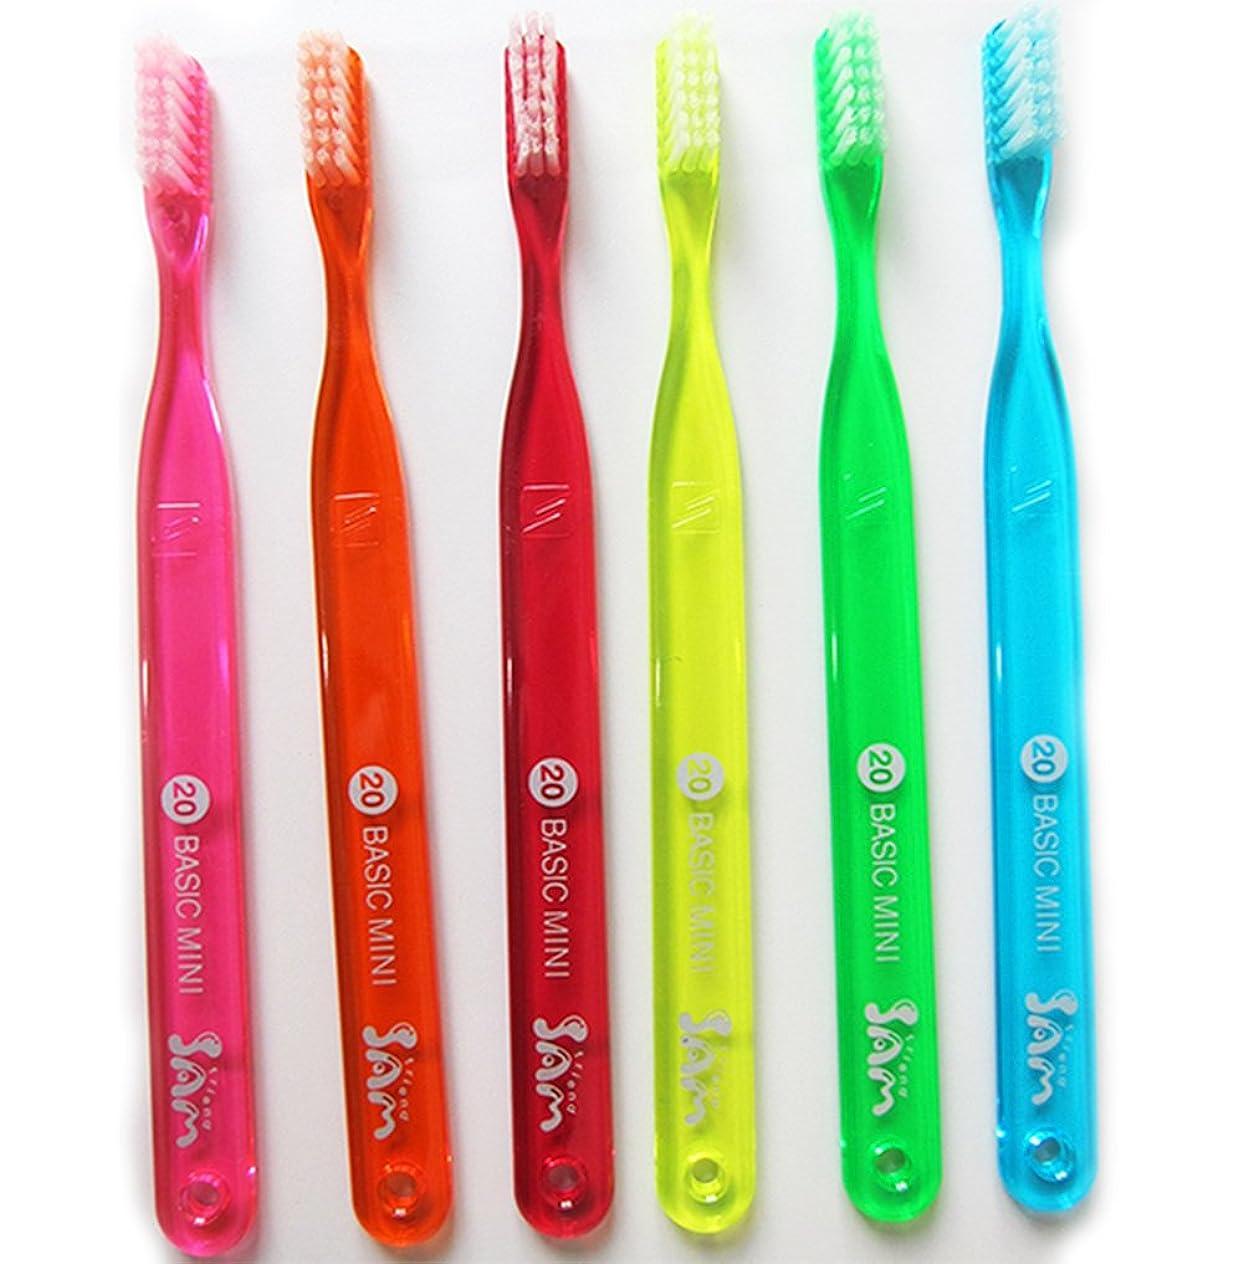 引退する以上操るサムフレンド 【歯ブラシ】【サムフレンド 20】【6本】サムフレンド歯ブラシ20 BASIC MEDIUM Mini 6色セット【歯科